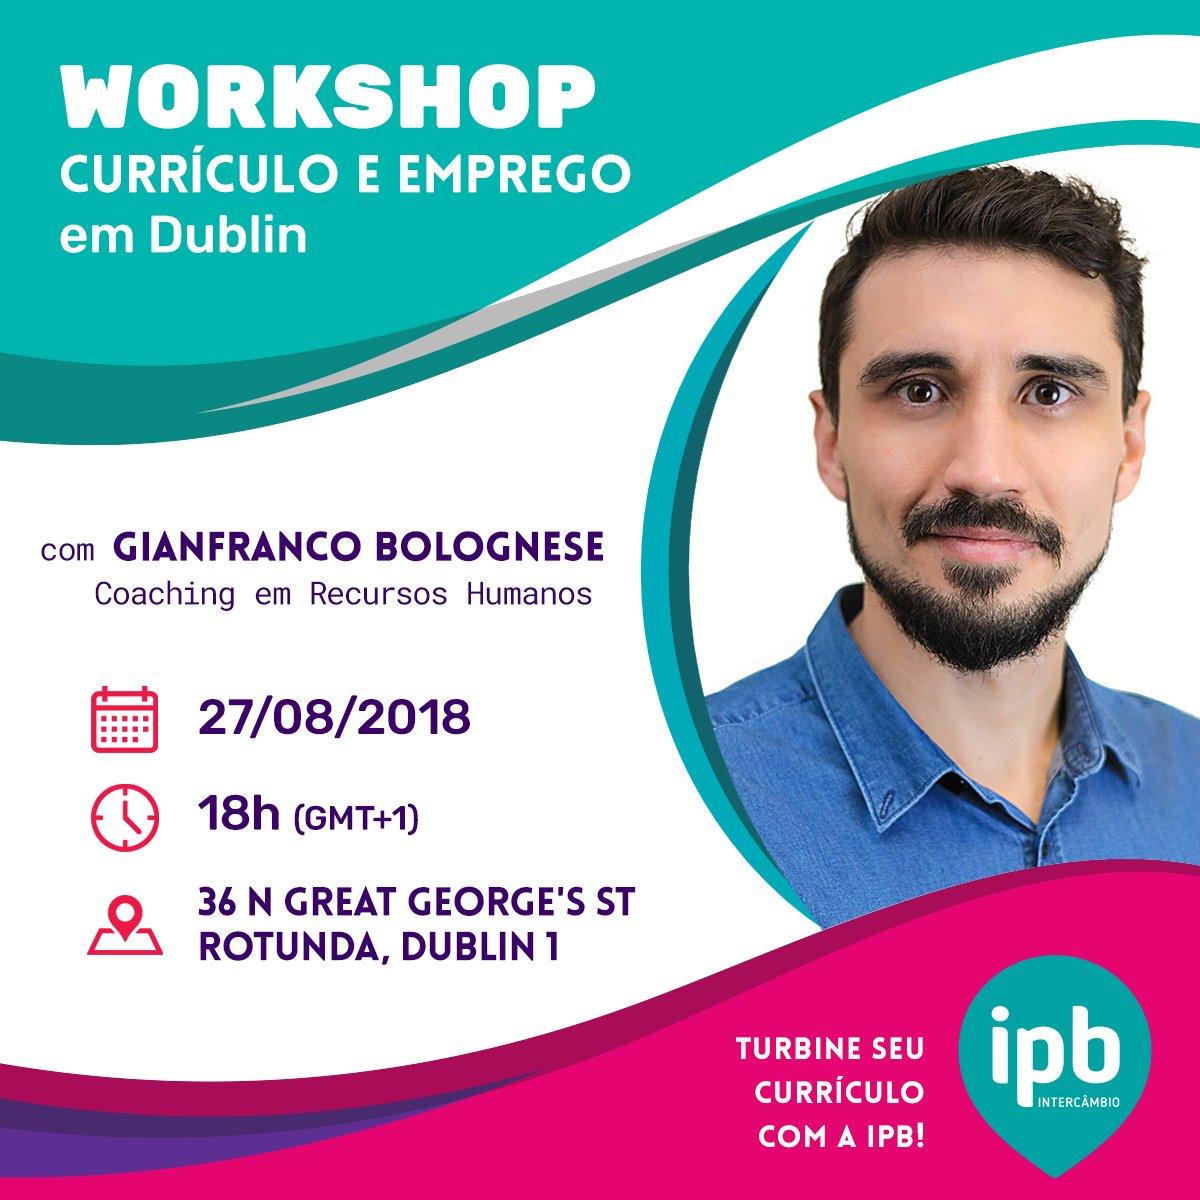 Quer trabalhar na Europa, mas precisa entender como funciona o mercado de trabalho? A IPB Intercâmbio realiza hoje, em Dublin, workshop sobre Currículo e Emprego em evento gratuito. Clique no link abaixo para se inscrever e compareça! https://t.co/IFpp3vJfYV https://t.co/YvUWp1ySfy